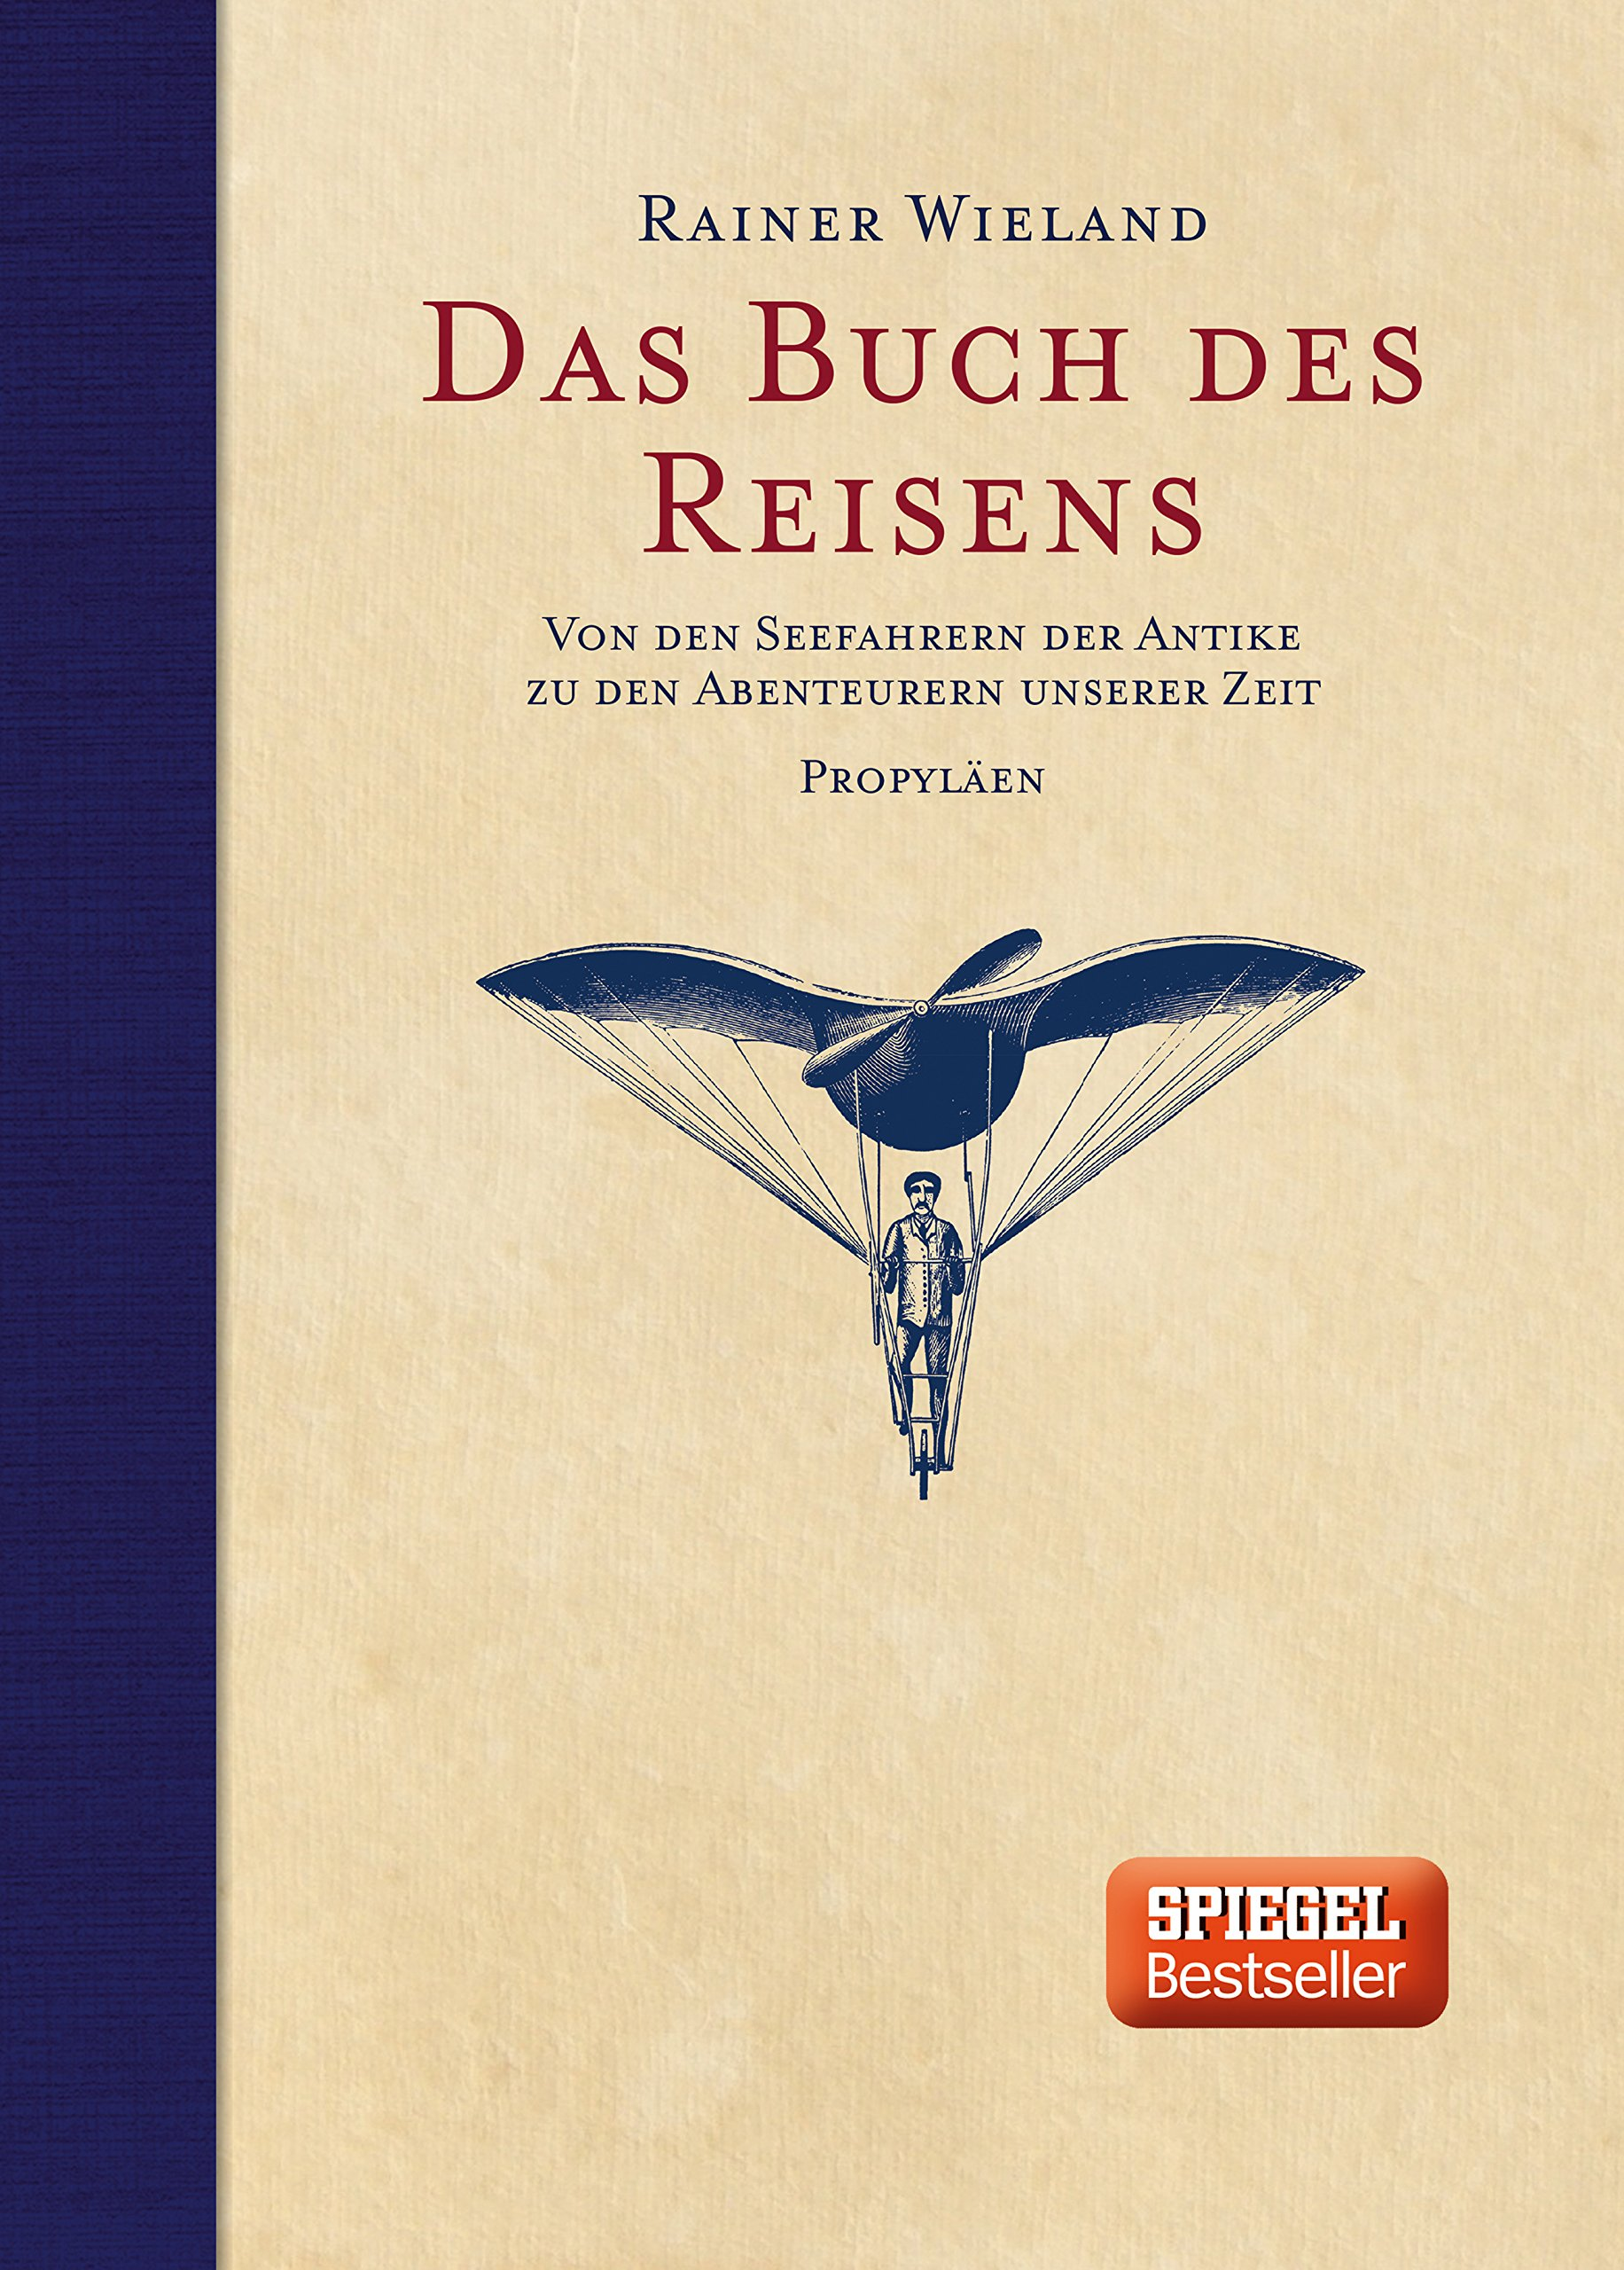 Rainer Wieland: Das Buch des Reisens